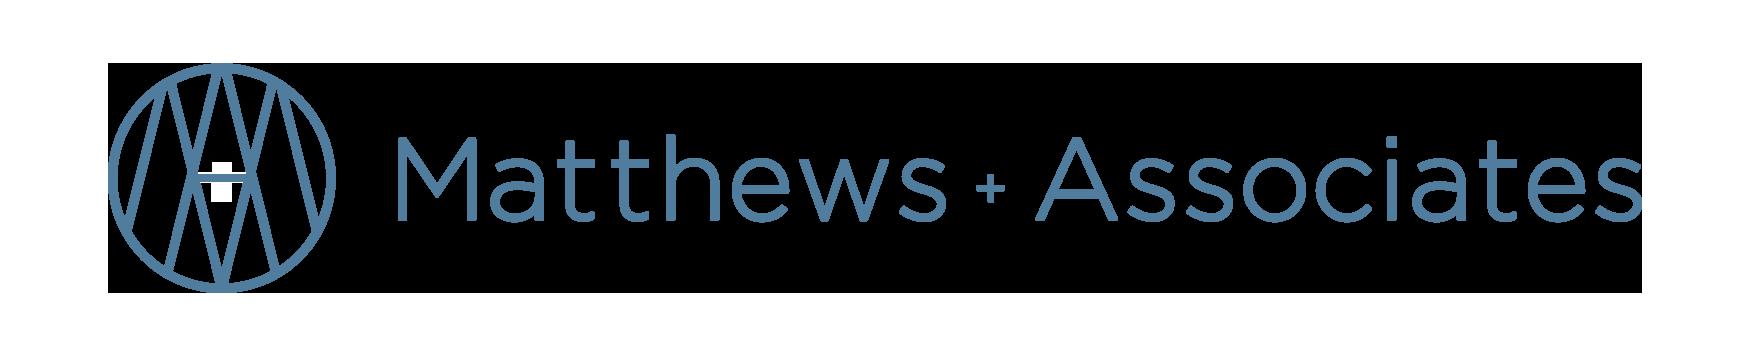 Logo for Matthew + Associates